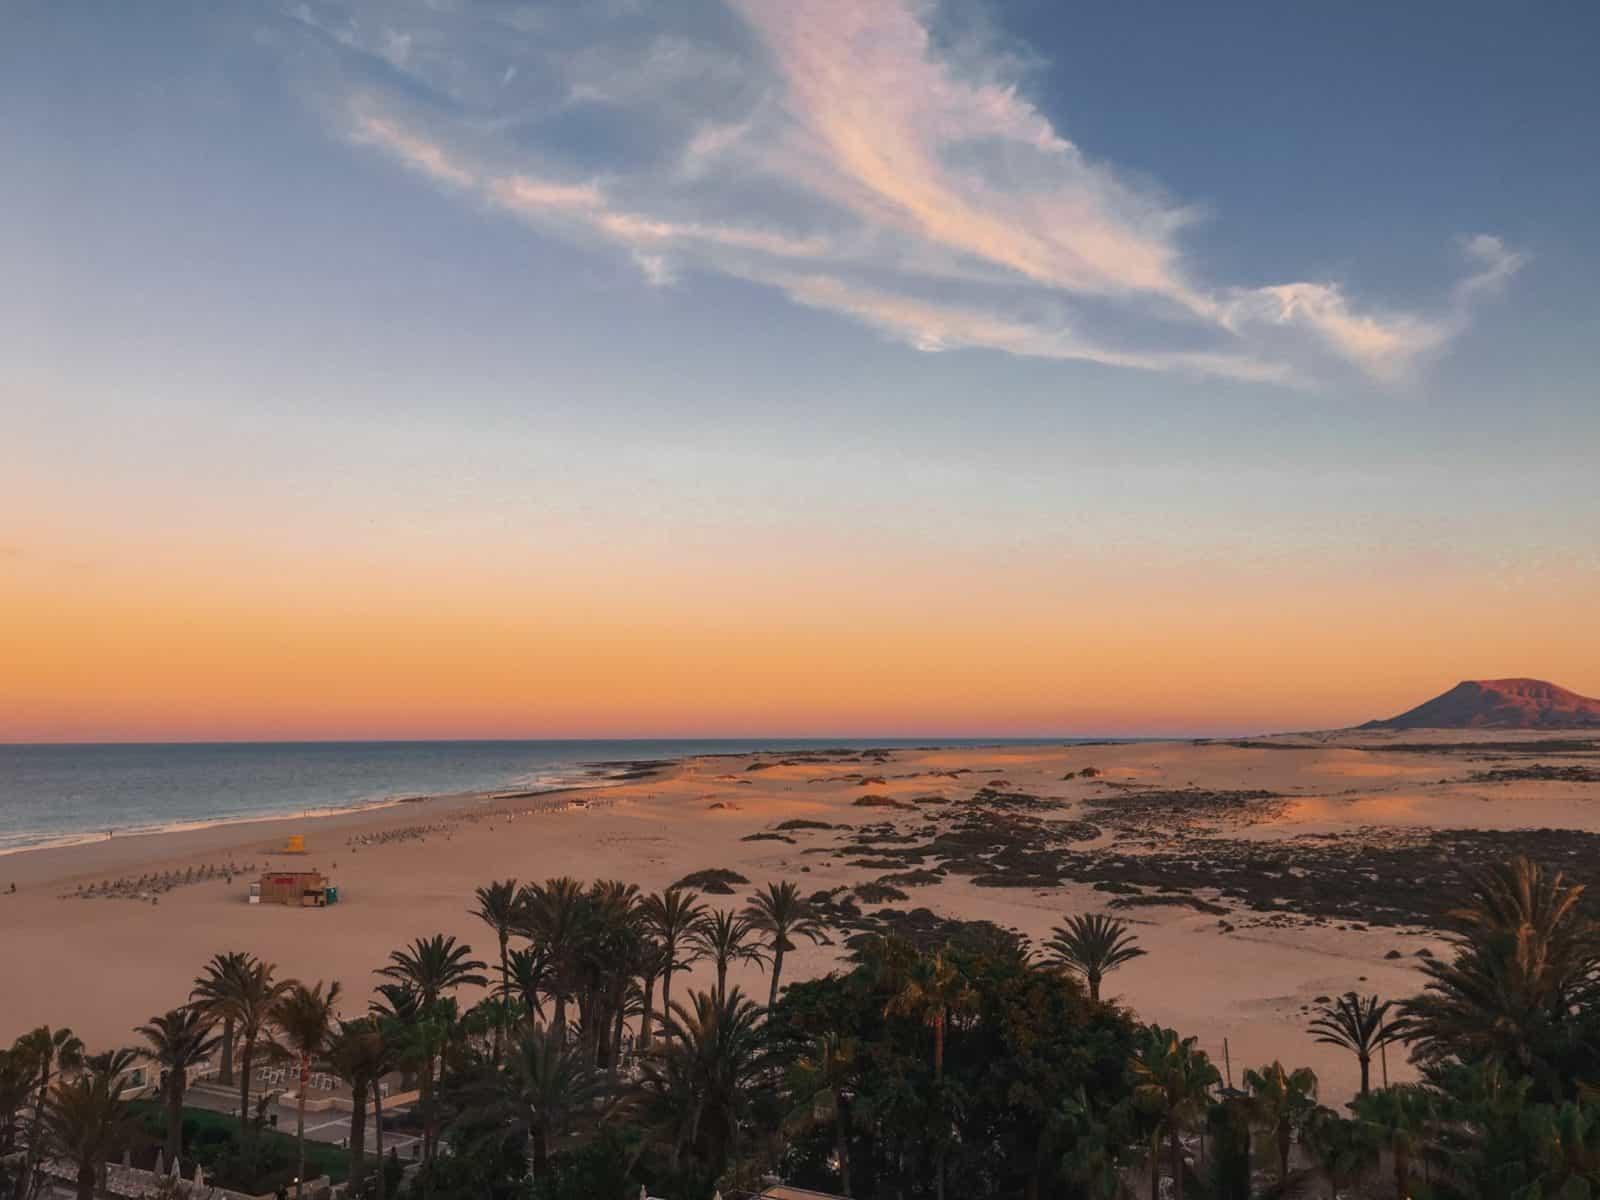 Sonnenuntergang über den Dünen von Corralejo auf Fuerteventura